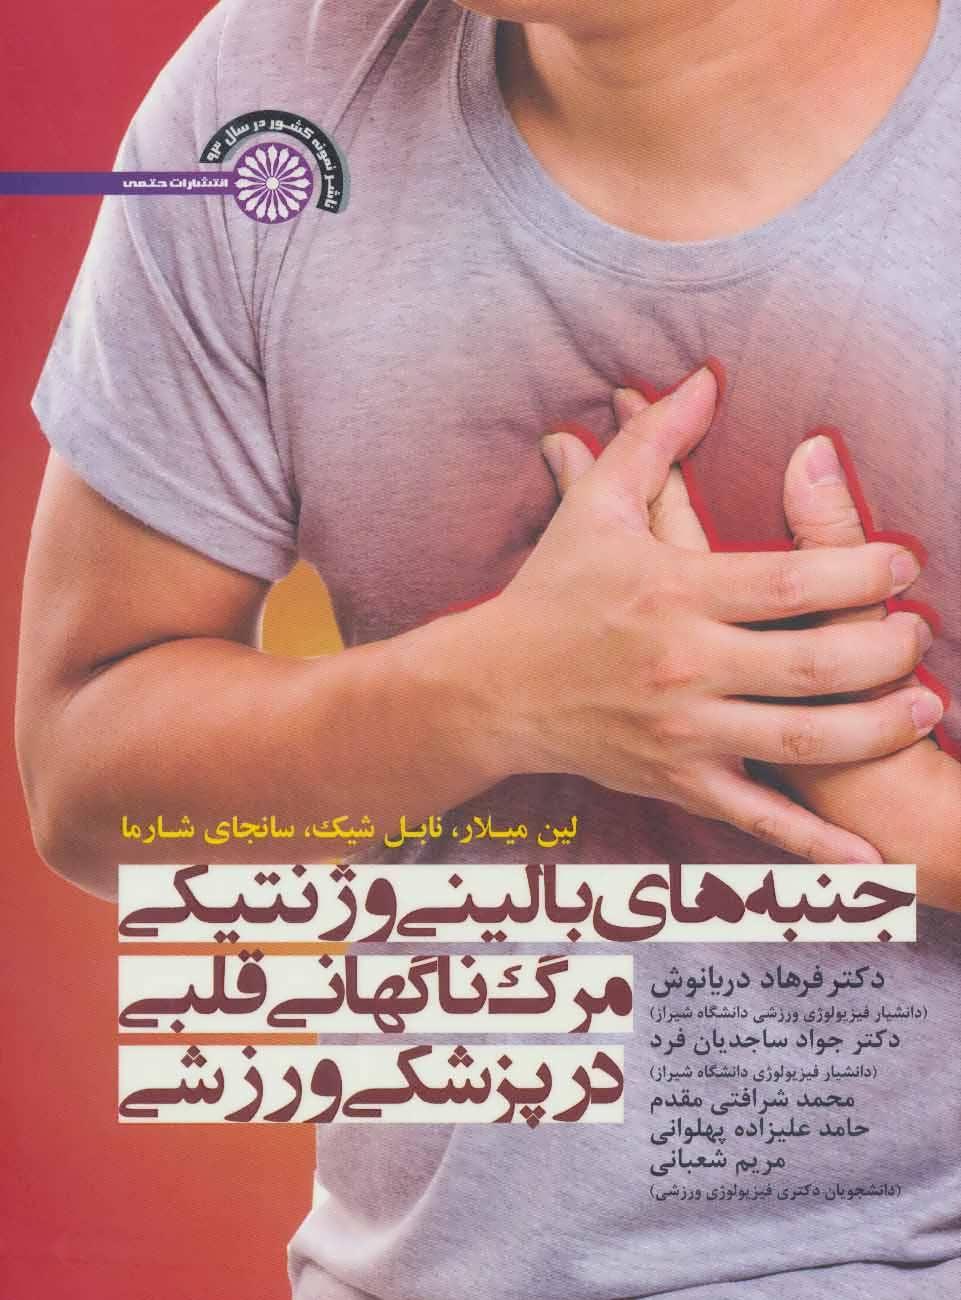 کتاب جنبههای بالینی و ژنتیکی مرگ ناگهانی قلبی در پزشکی ورزشی